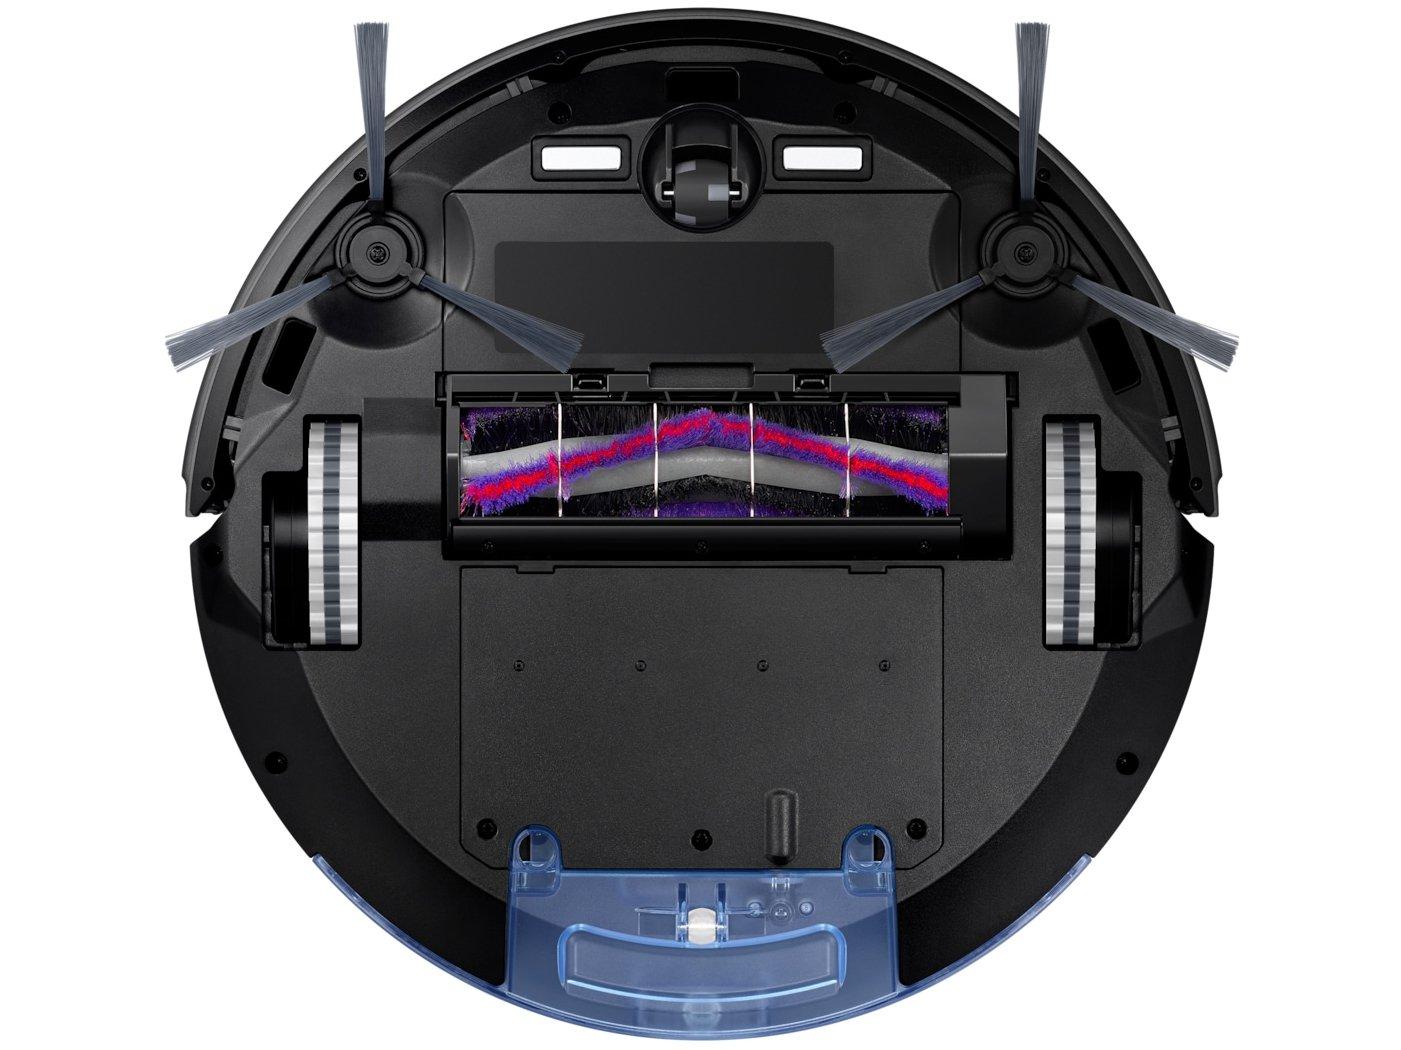 Robô Aspirador de Pó Samsung 55W - POWERbot-E VR5000RM - 2